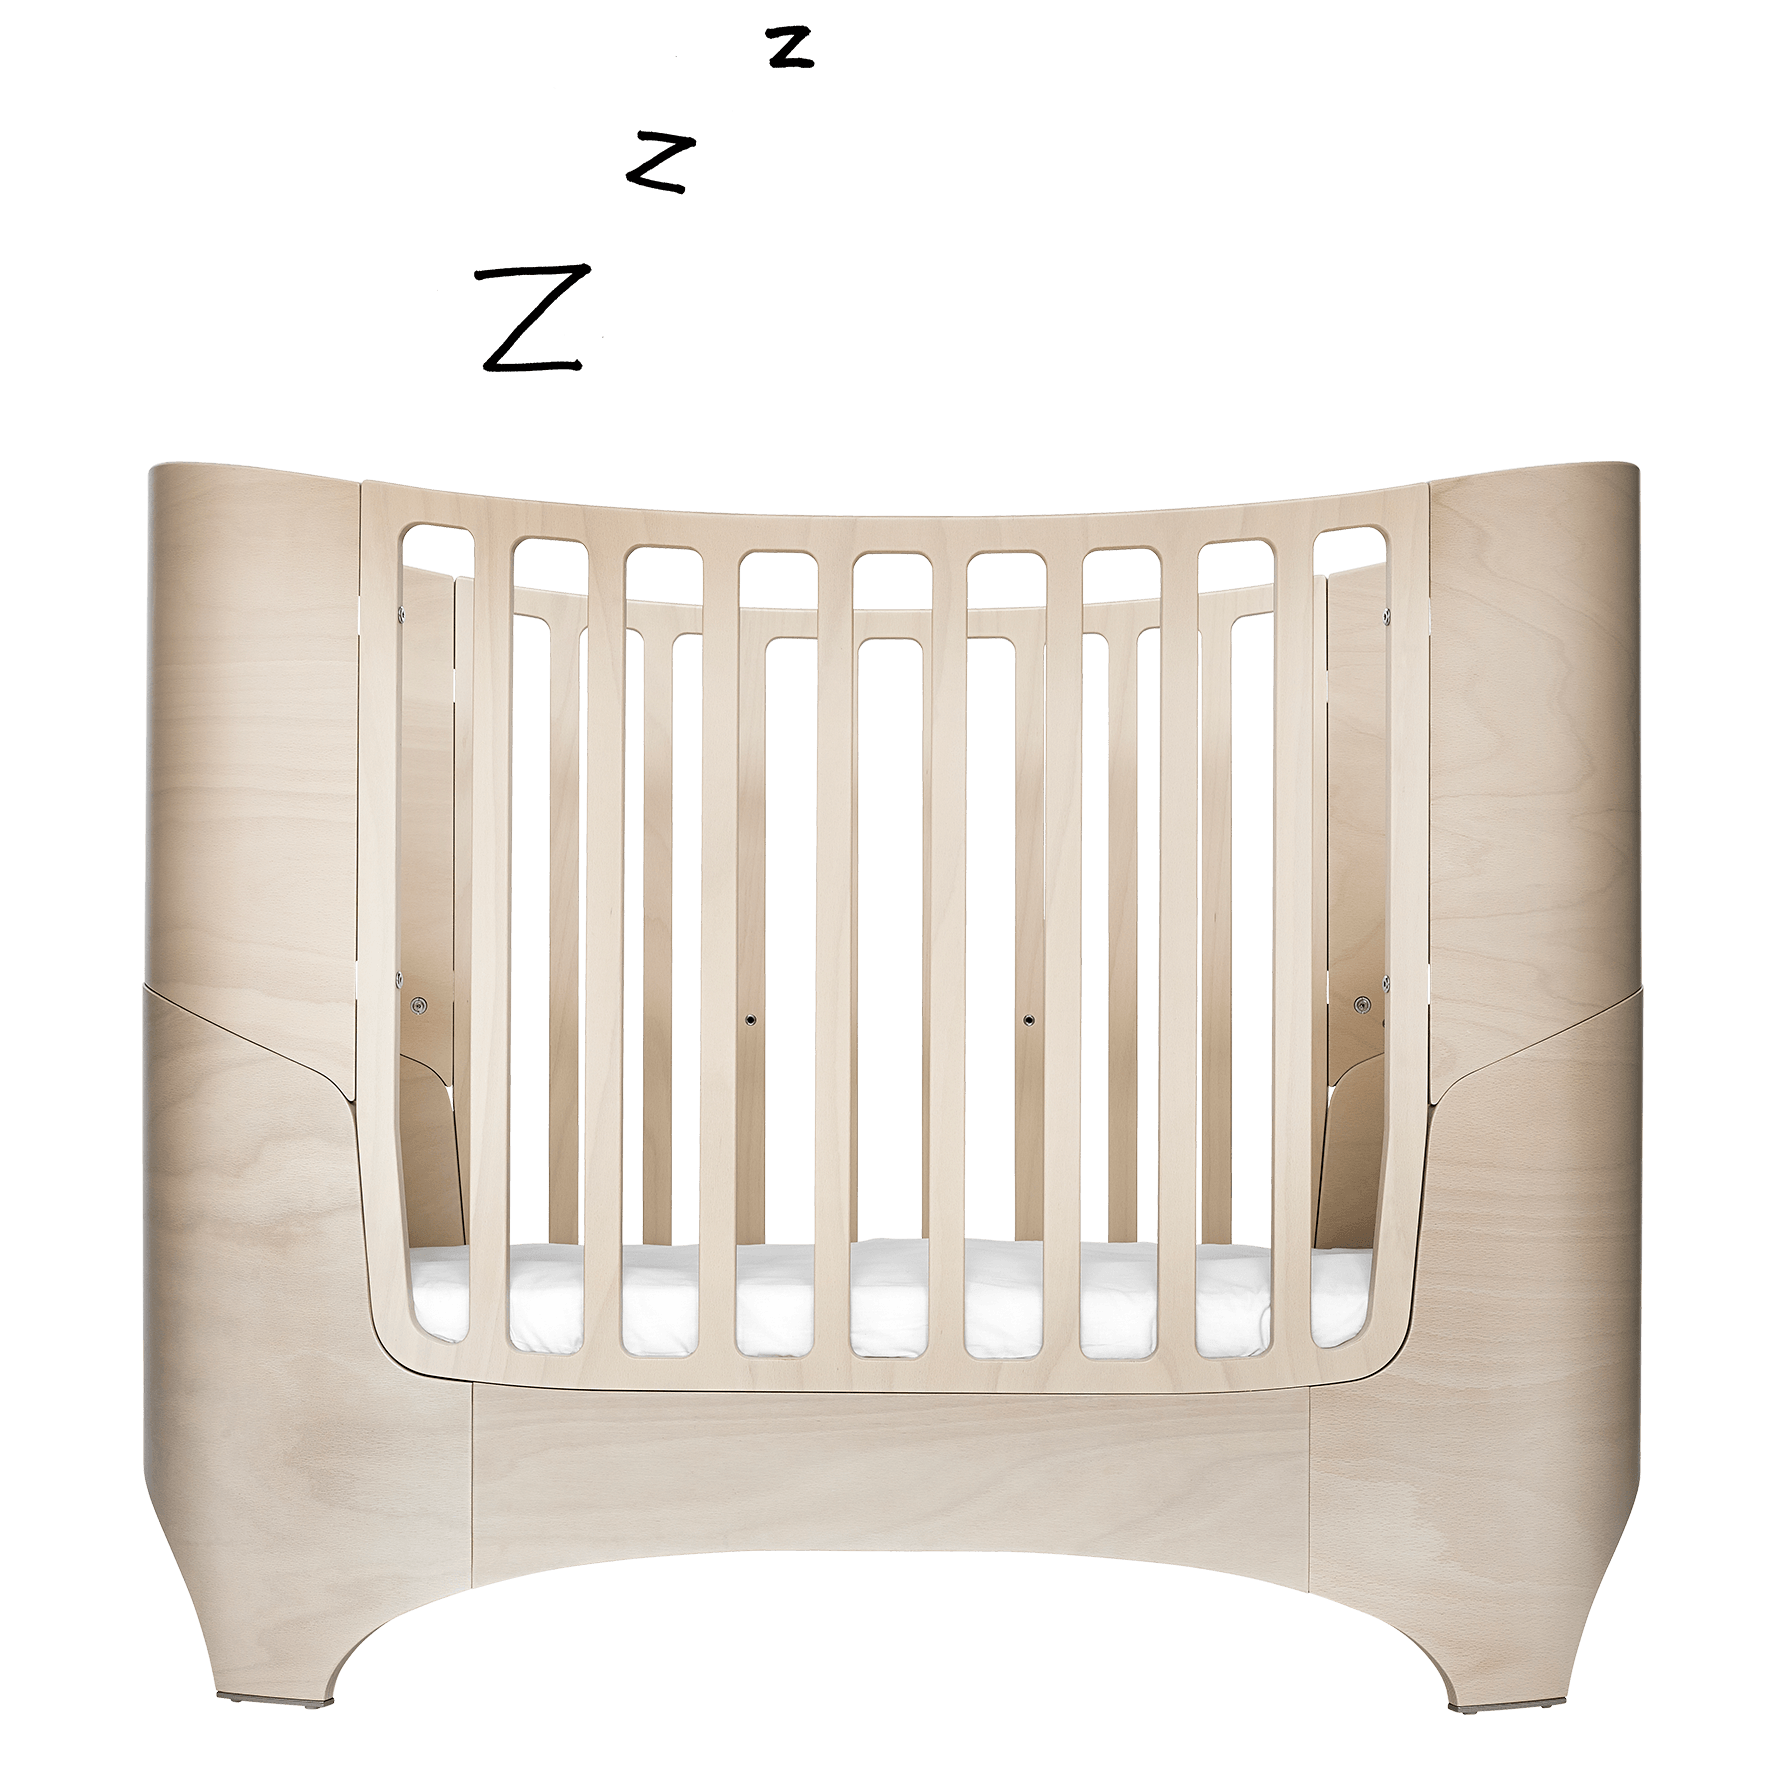 Full Size of Leander Babybett Wird Im Handumdrehen Zum Juniorbett 120x200 Bett Komplett Tempur Betten Rausfallschutz Boxspring Selber Bauen Dico De Einfaches Köln Jugend Bett Leander Bett